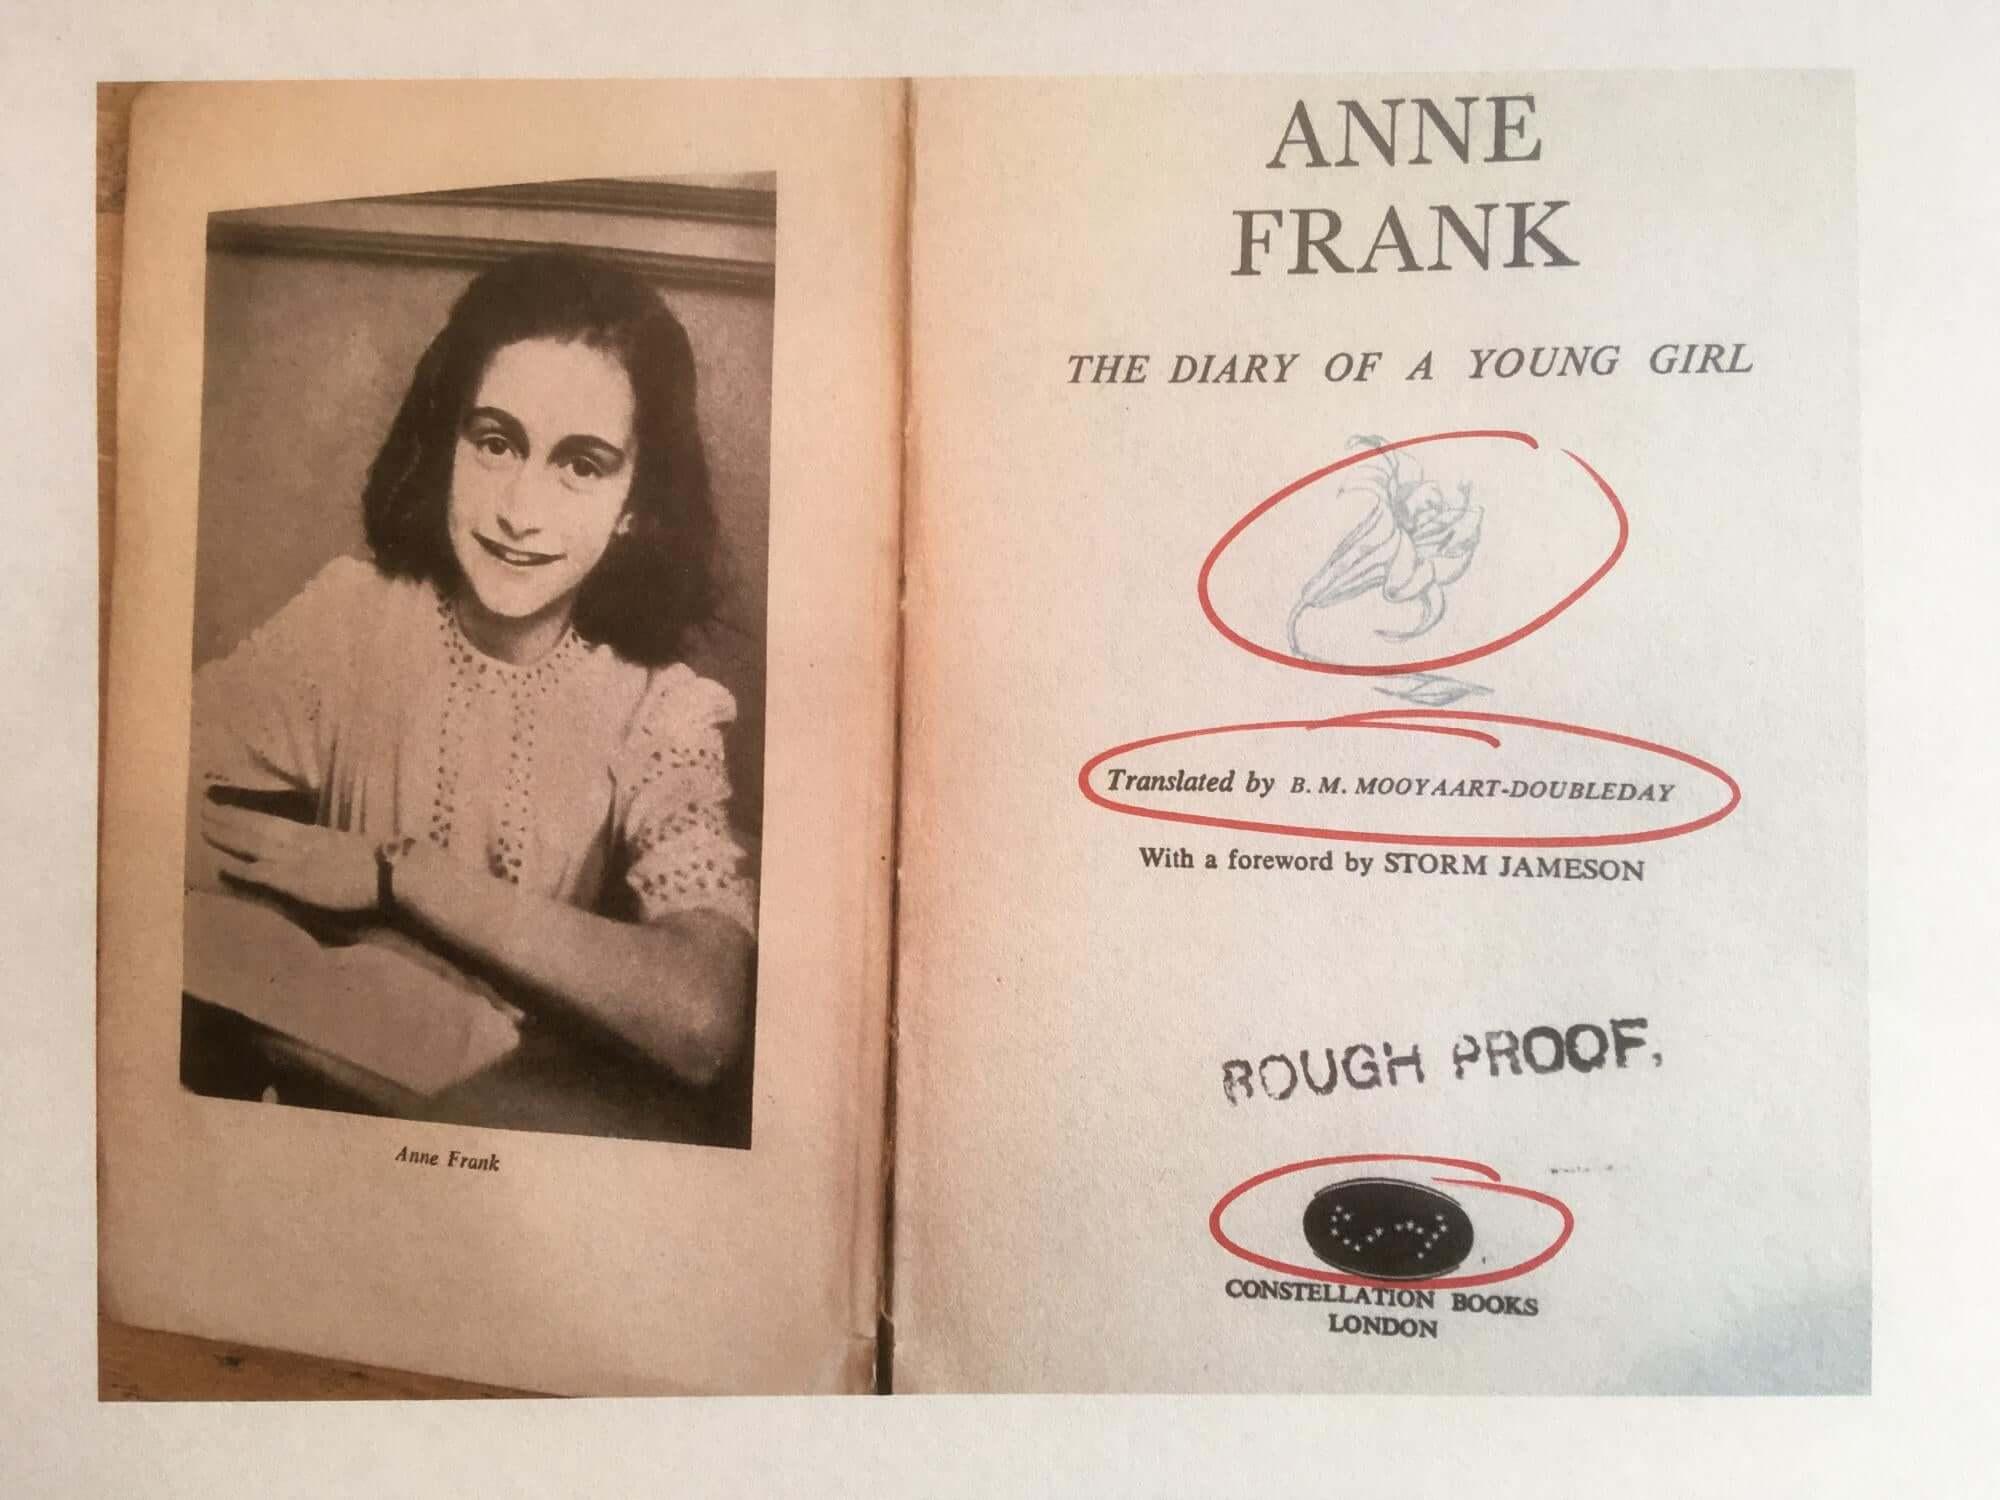 Blad uit dagboek van Anne Frank